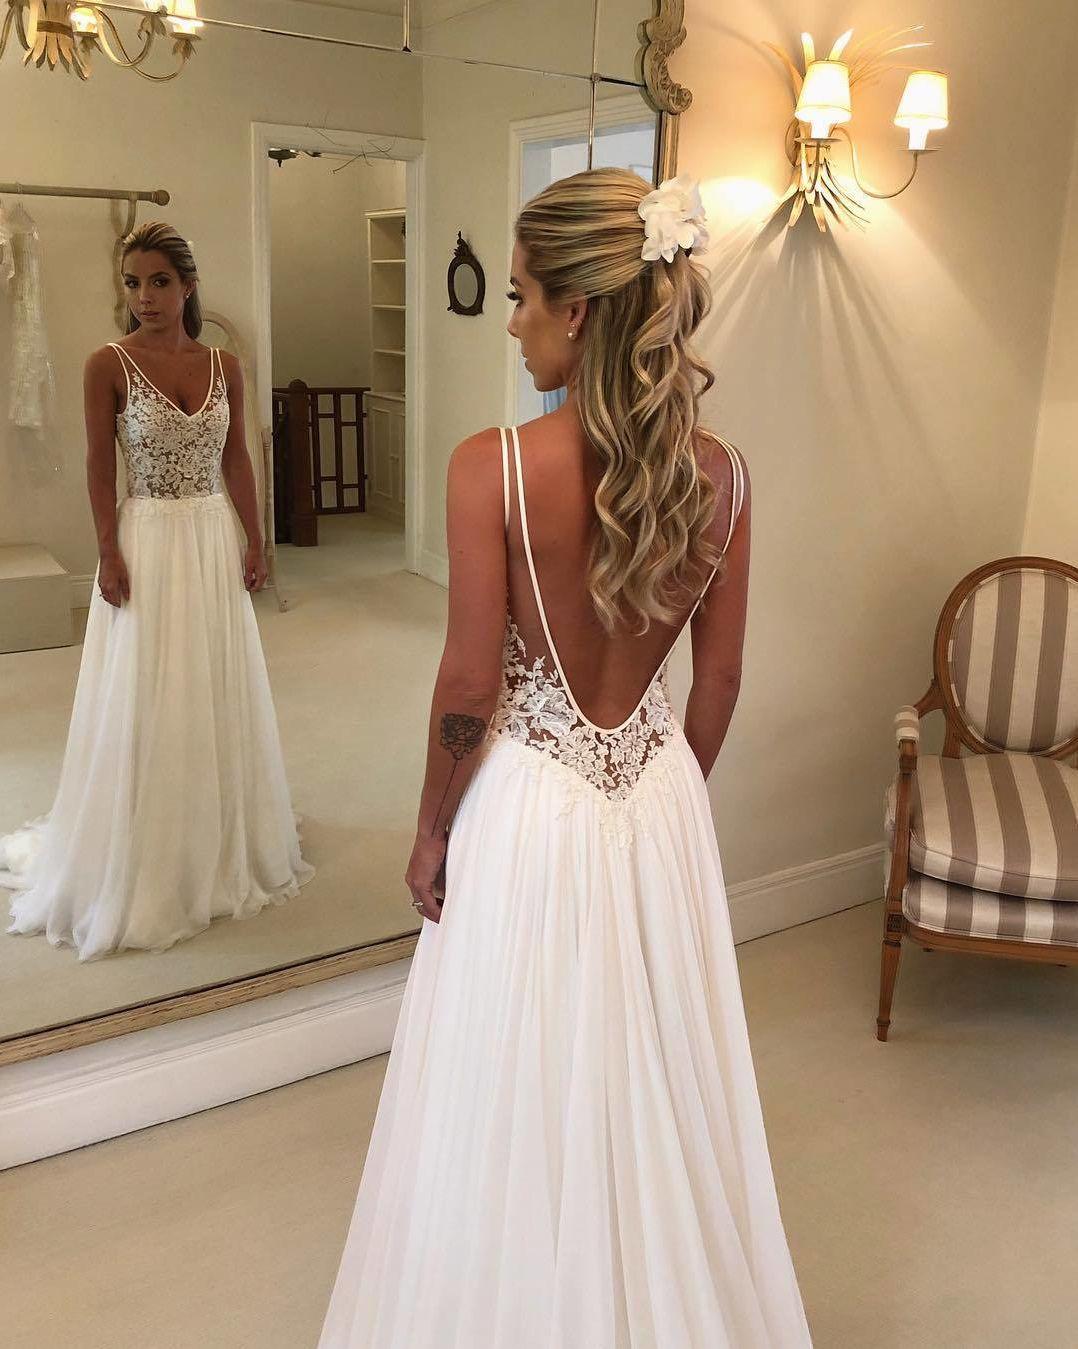 Pinsid  Kleider hochzeit, Hochzeitskleid, Braut